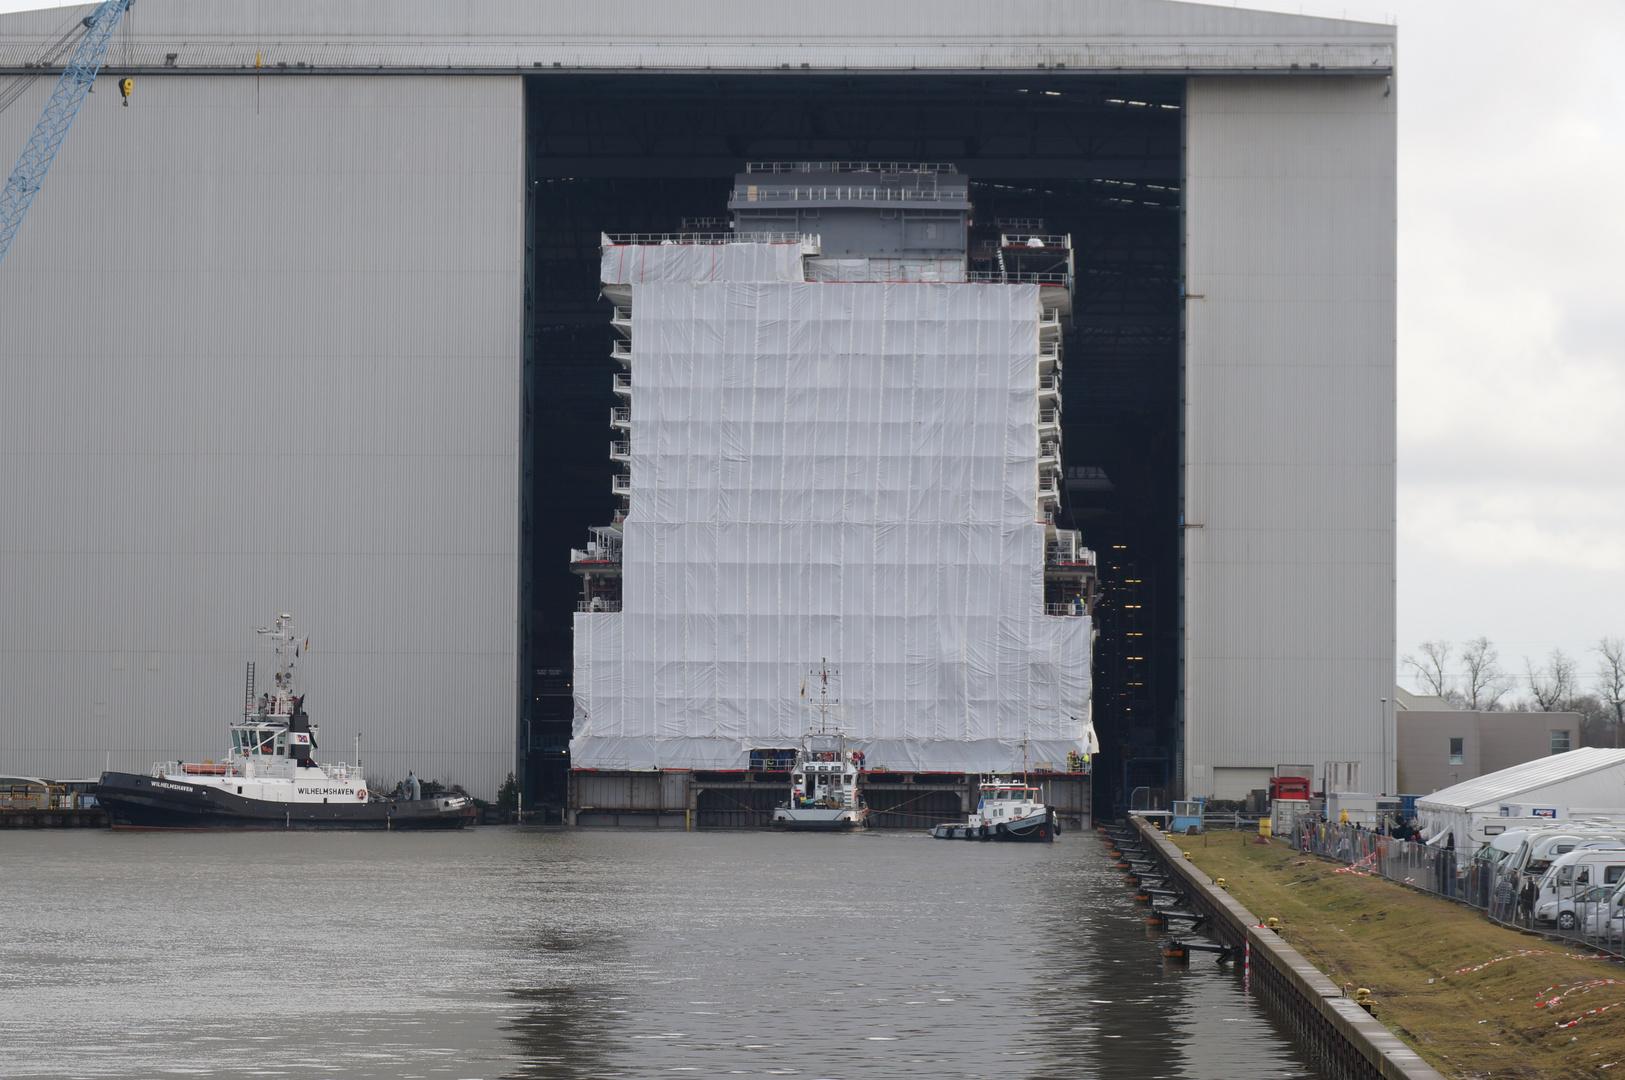 Ausdocken auf der Meyer Werft Teil 16